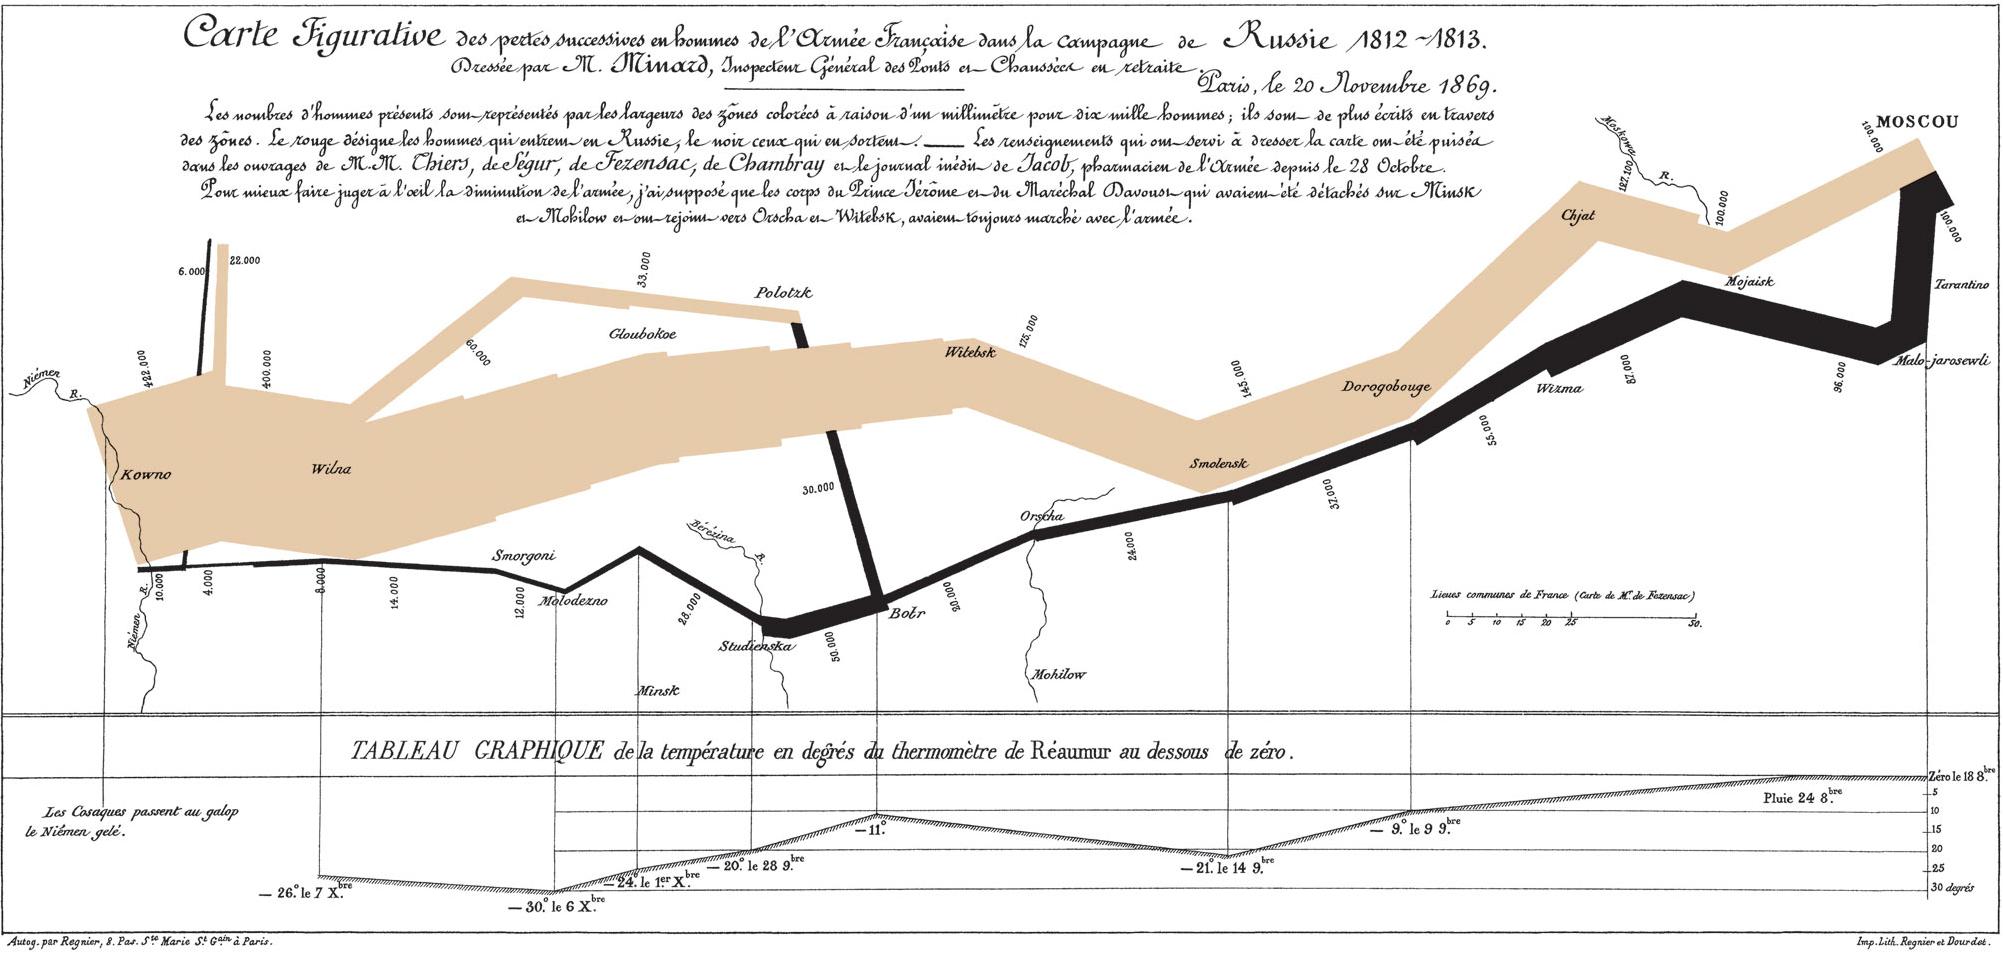 Quizás el mejor gráfico de la historia: Las bajas de Napoleón en su campaña hacia Rusia de 1812-1813. (Charles Joseph Minard, 1869).